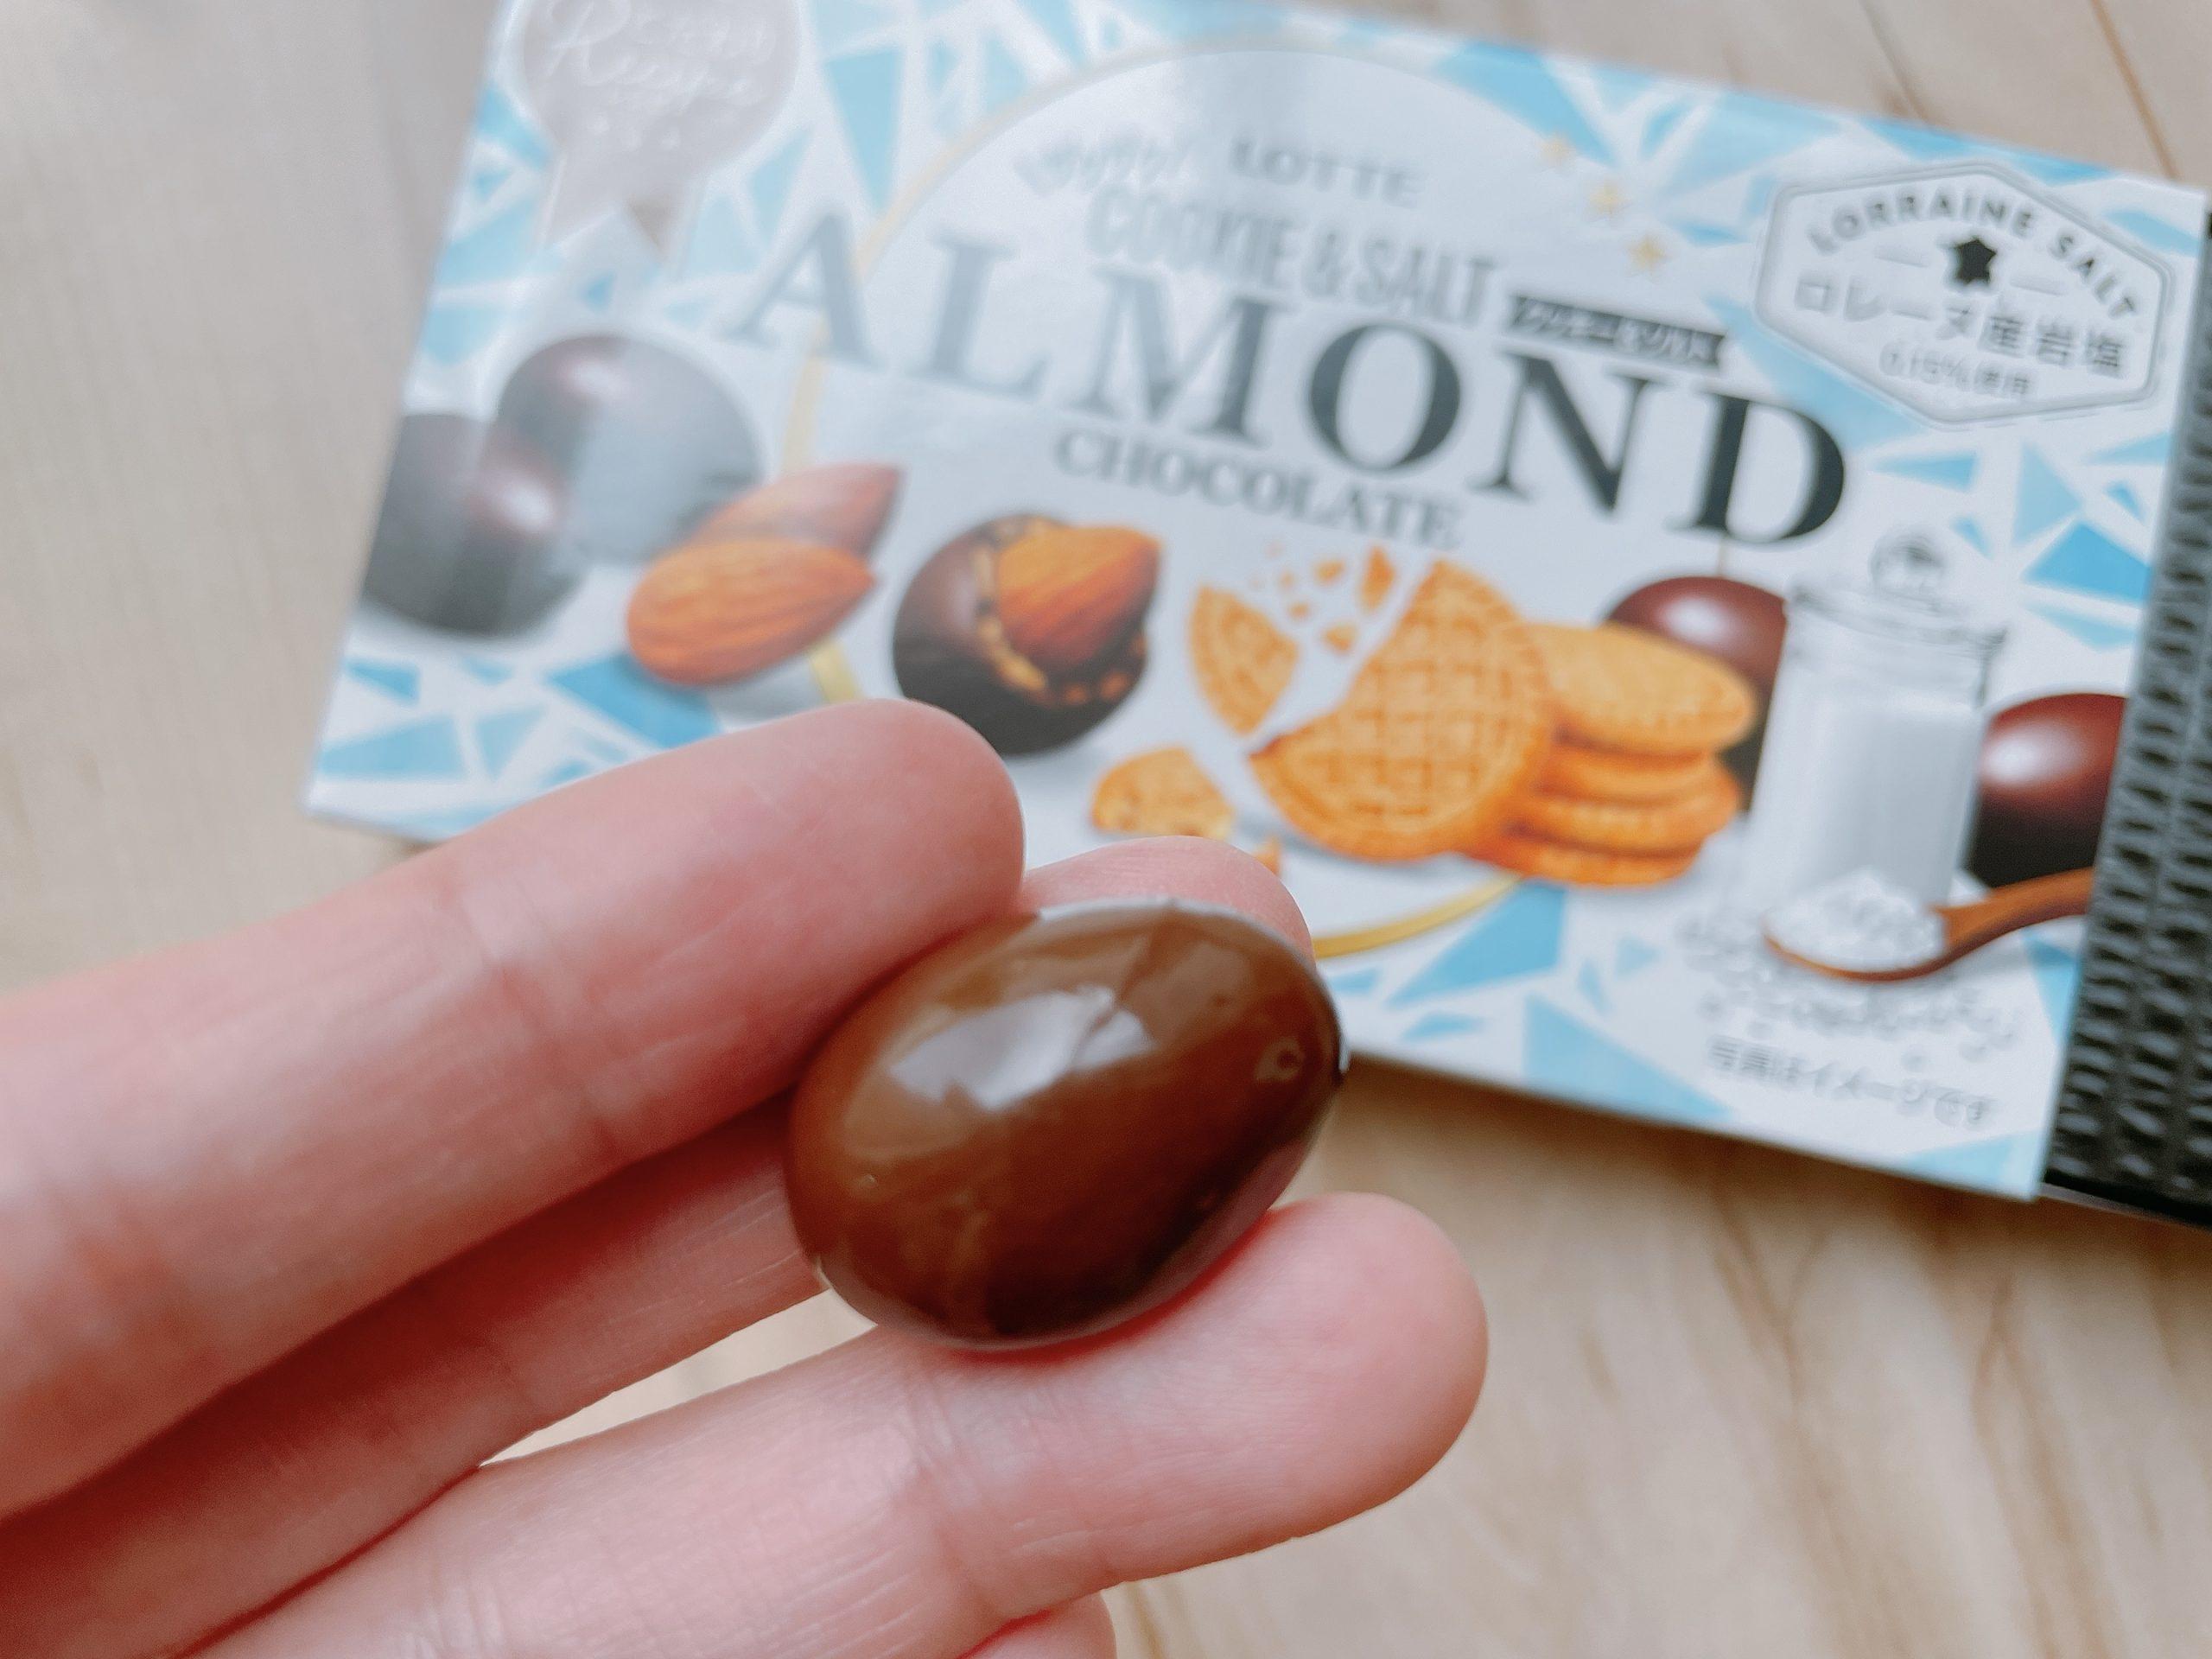 アーモンドチョコレート<クッキー&ソルト>は、一度に3度美味しいチョコレート